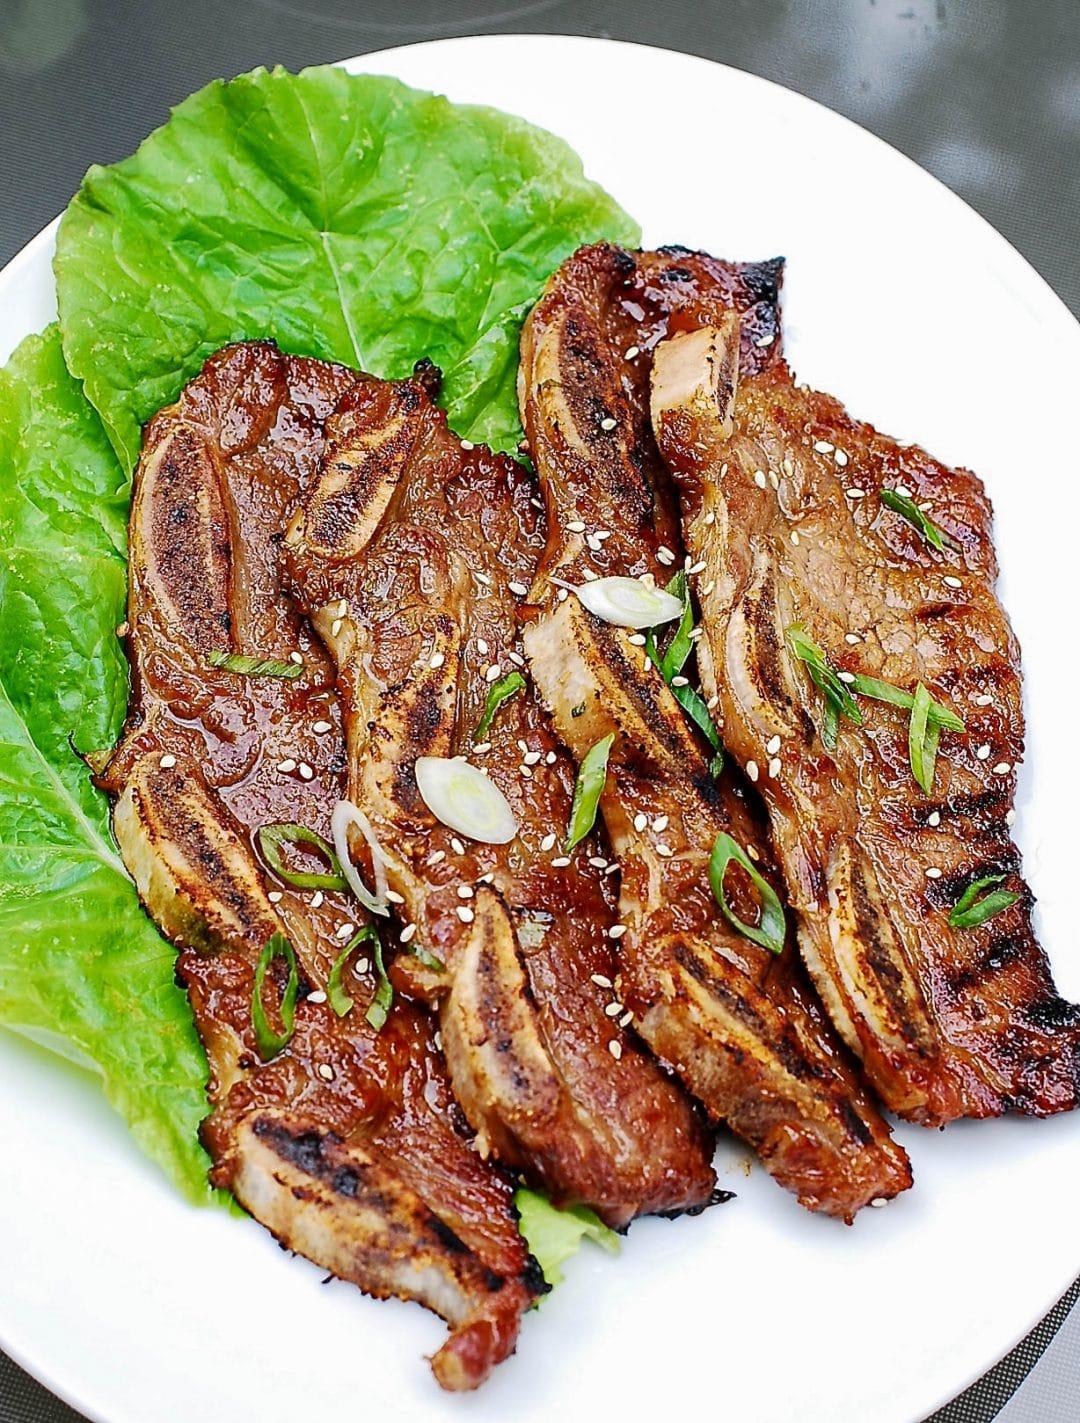 DSC 1834 2 e1621708513352 - 10 Korean BBQ Recipes